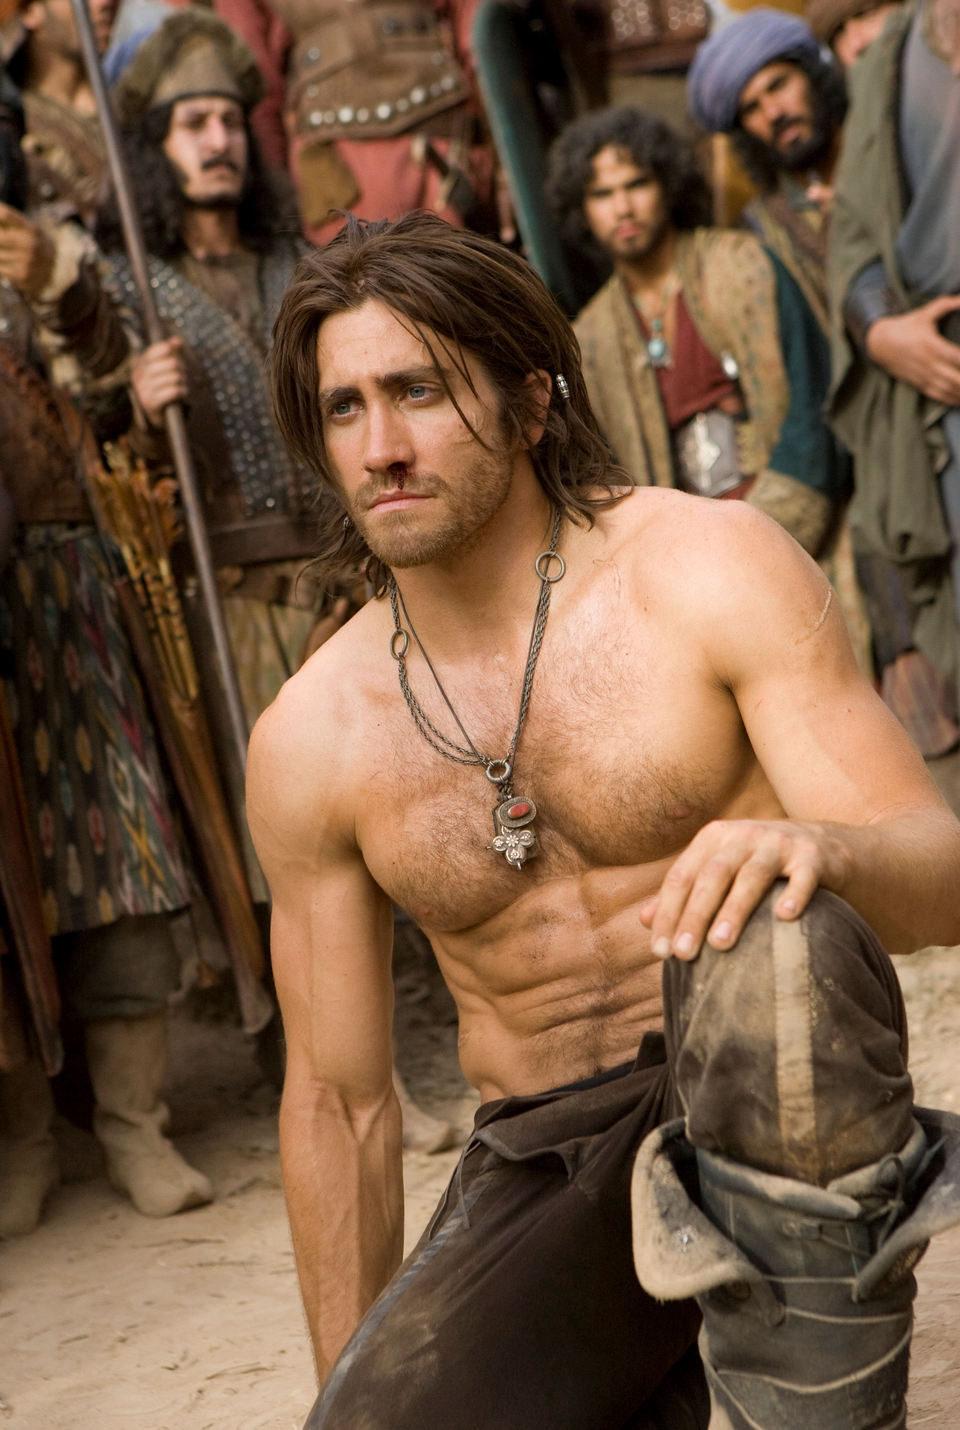 Prince of Persia: las arenas del tiempo, fotograma 45 de 47